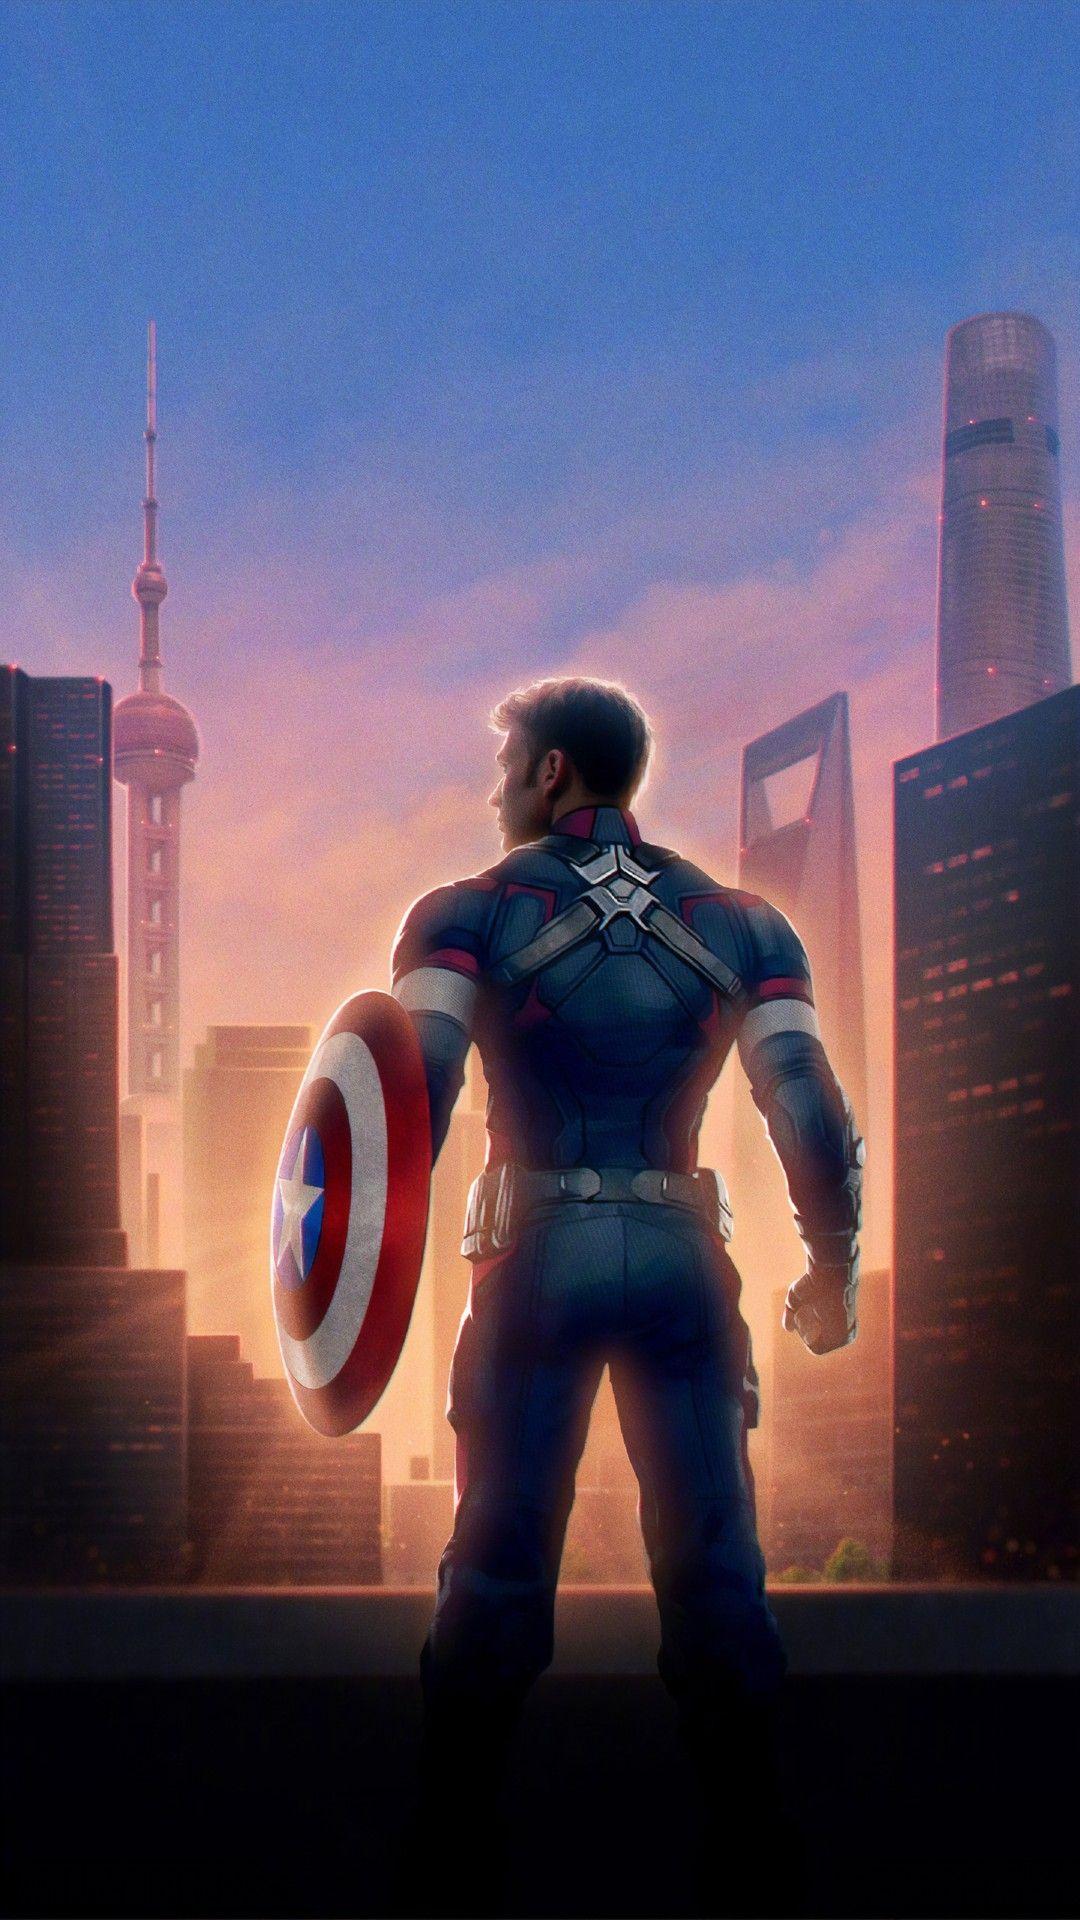 Captain America Avengers Endgame Wallpaper For Iphone Best Iphone Wallpaper Kapten Marvel Pahlawan Marvel Captain America